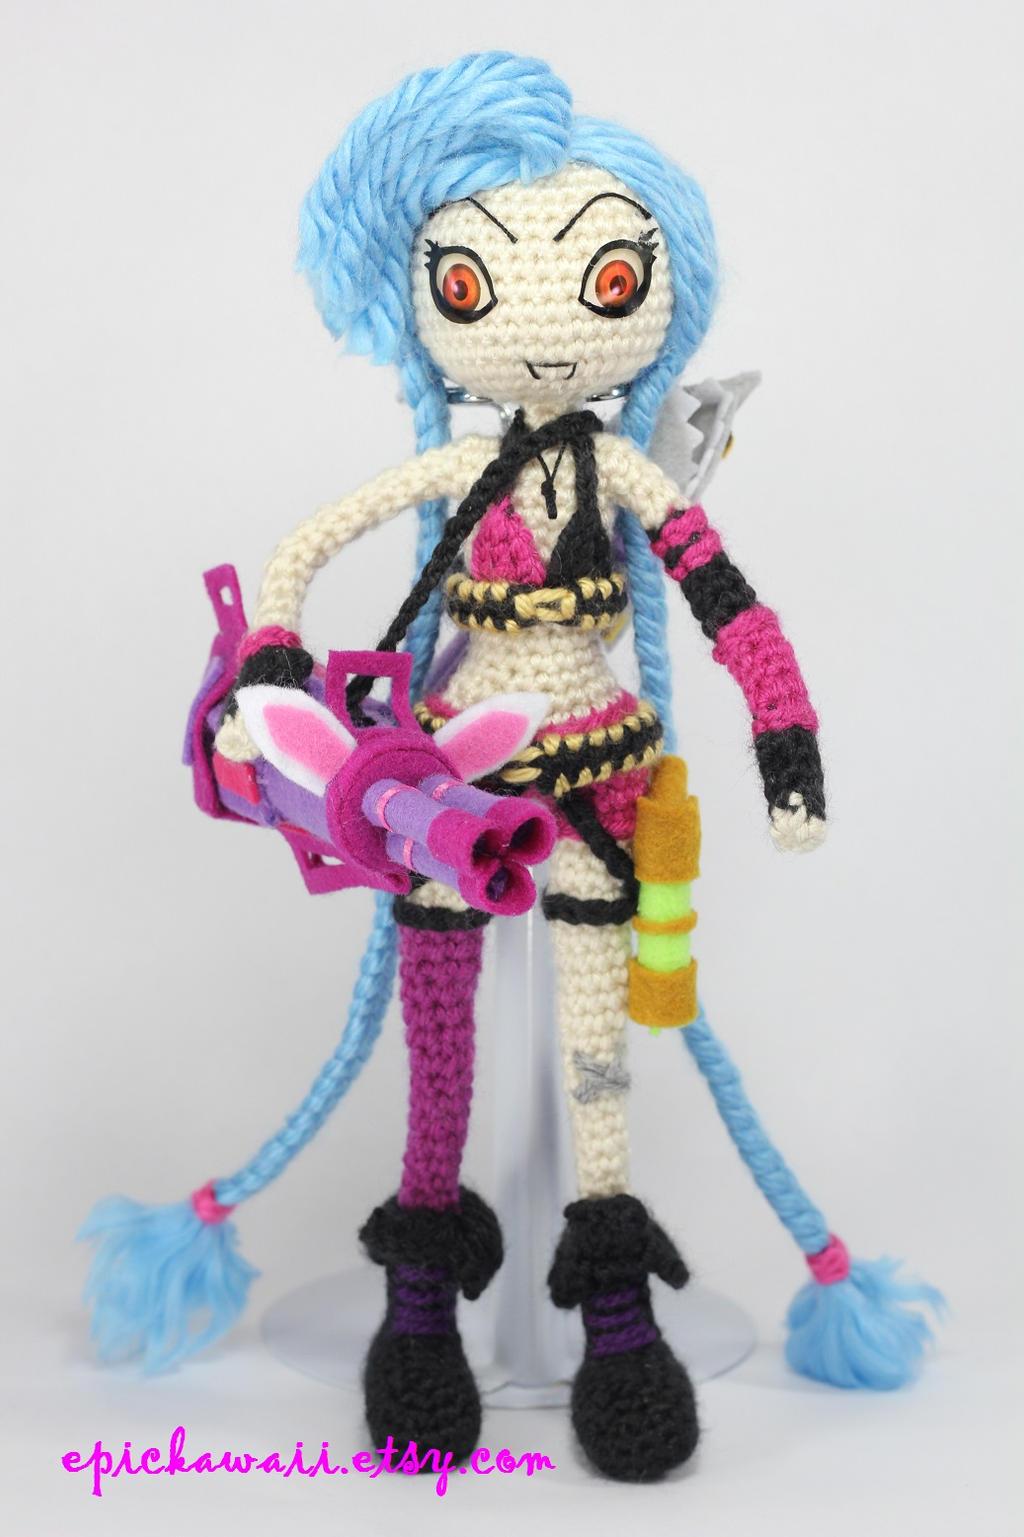 JINX from League of Legends Crochet Amigurumi Doll by ...